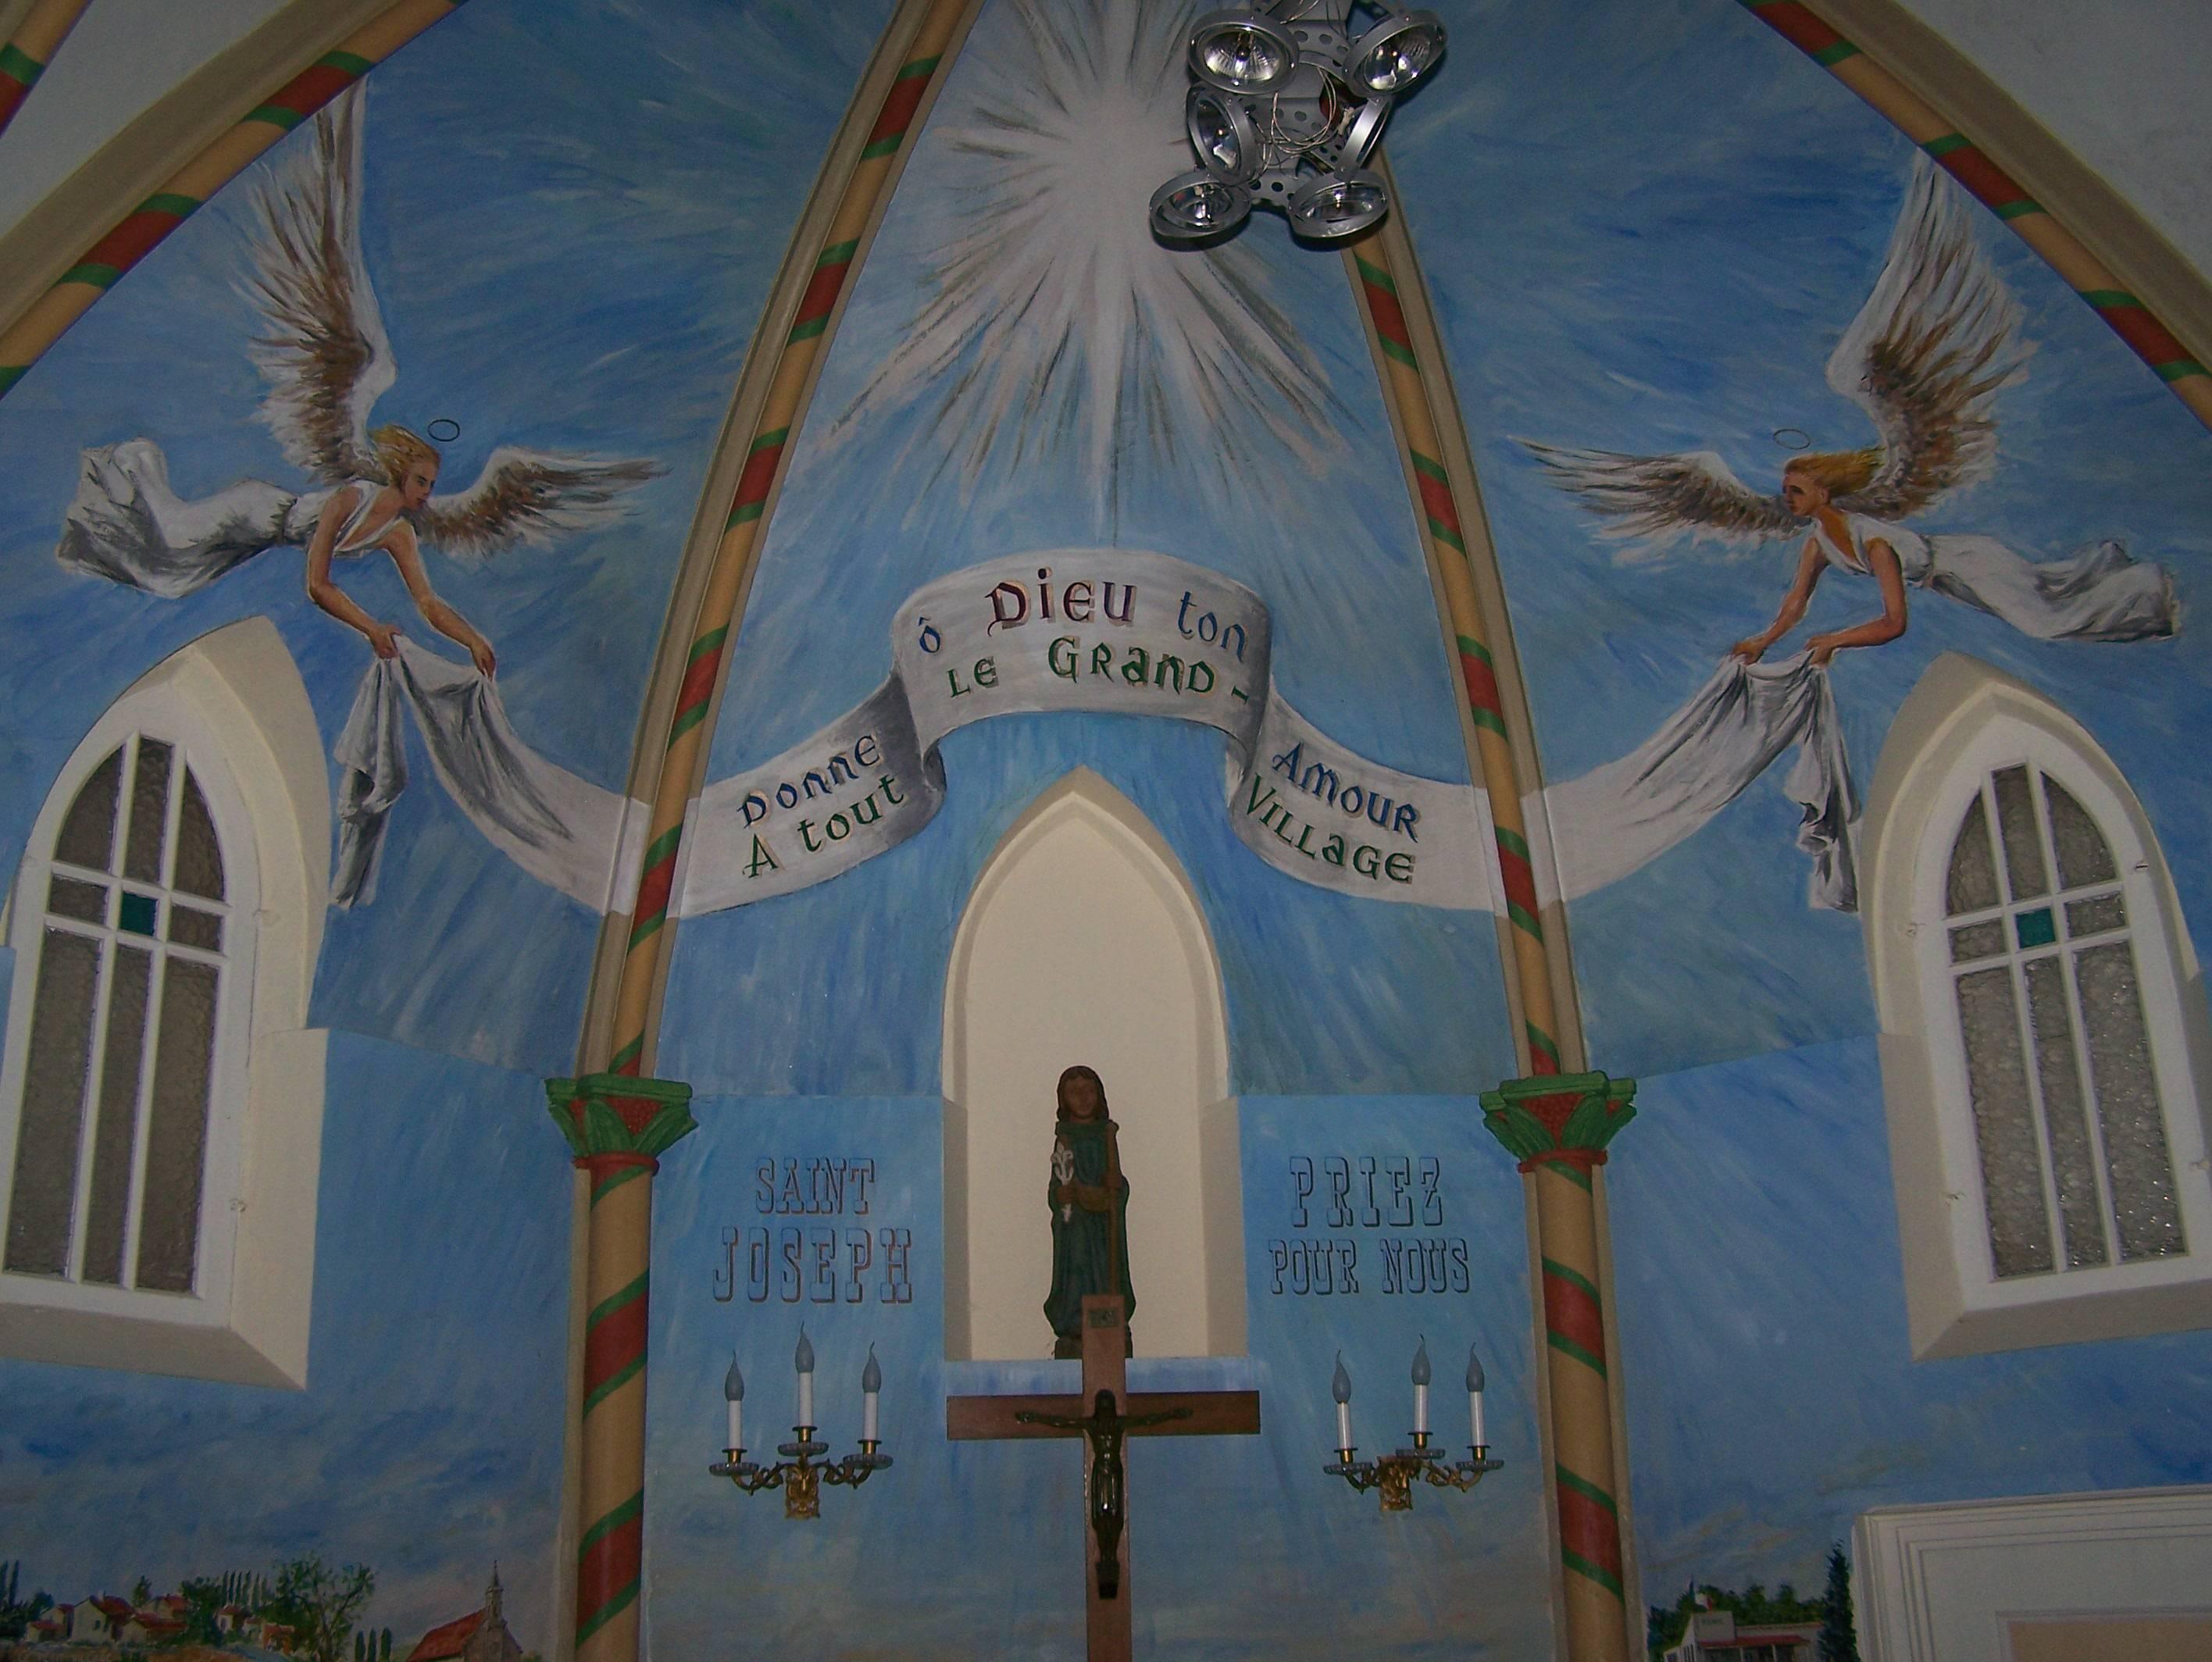 Photo 2: La chapelle de Grand Village